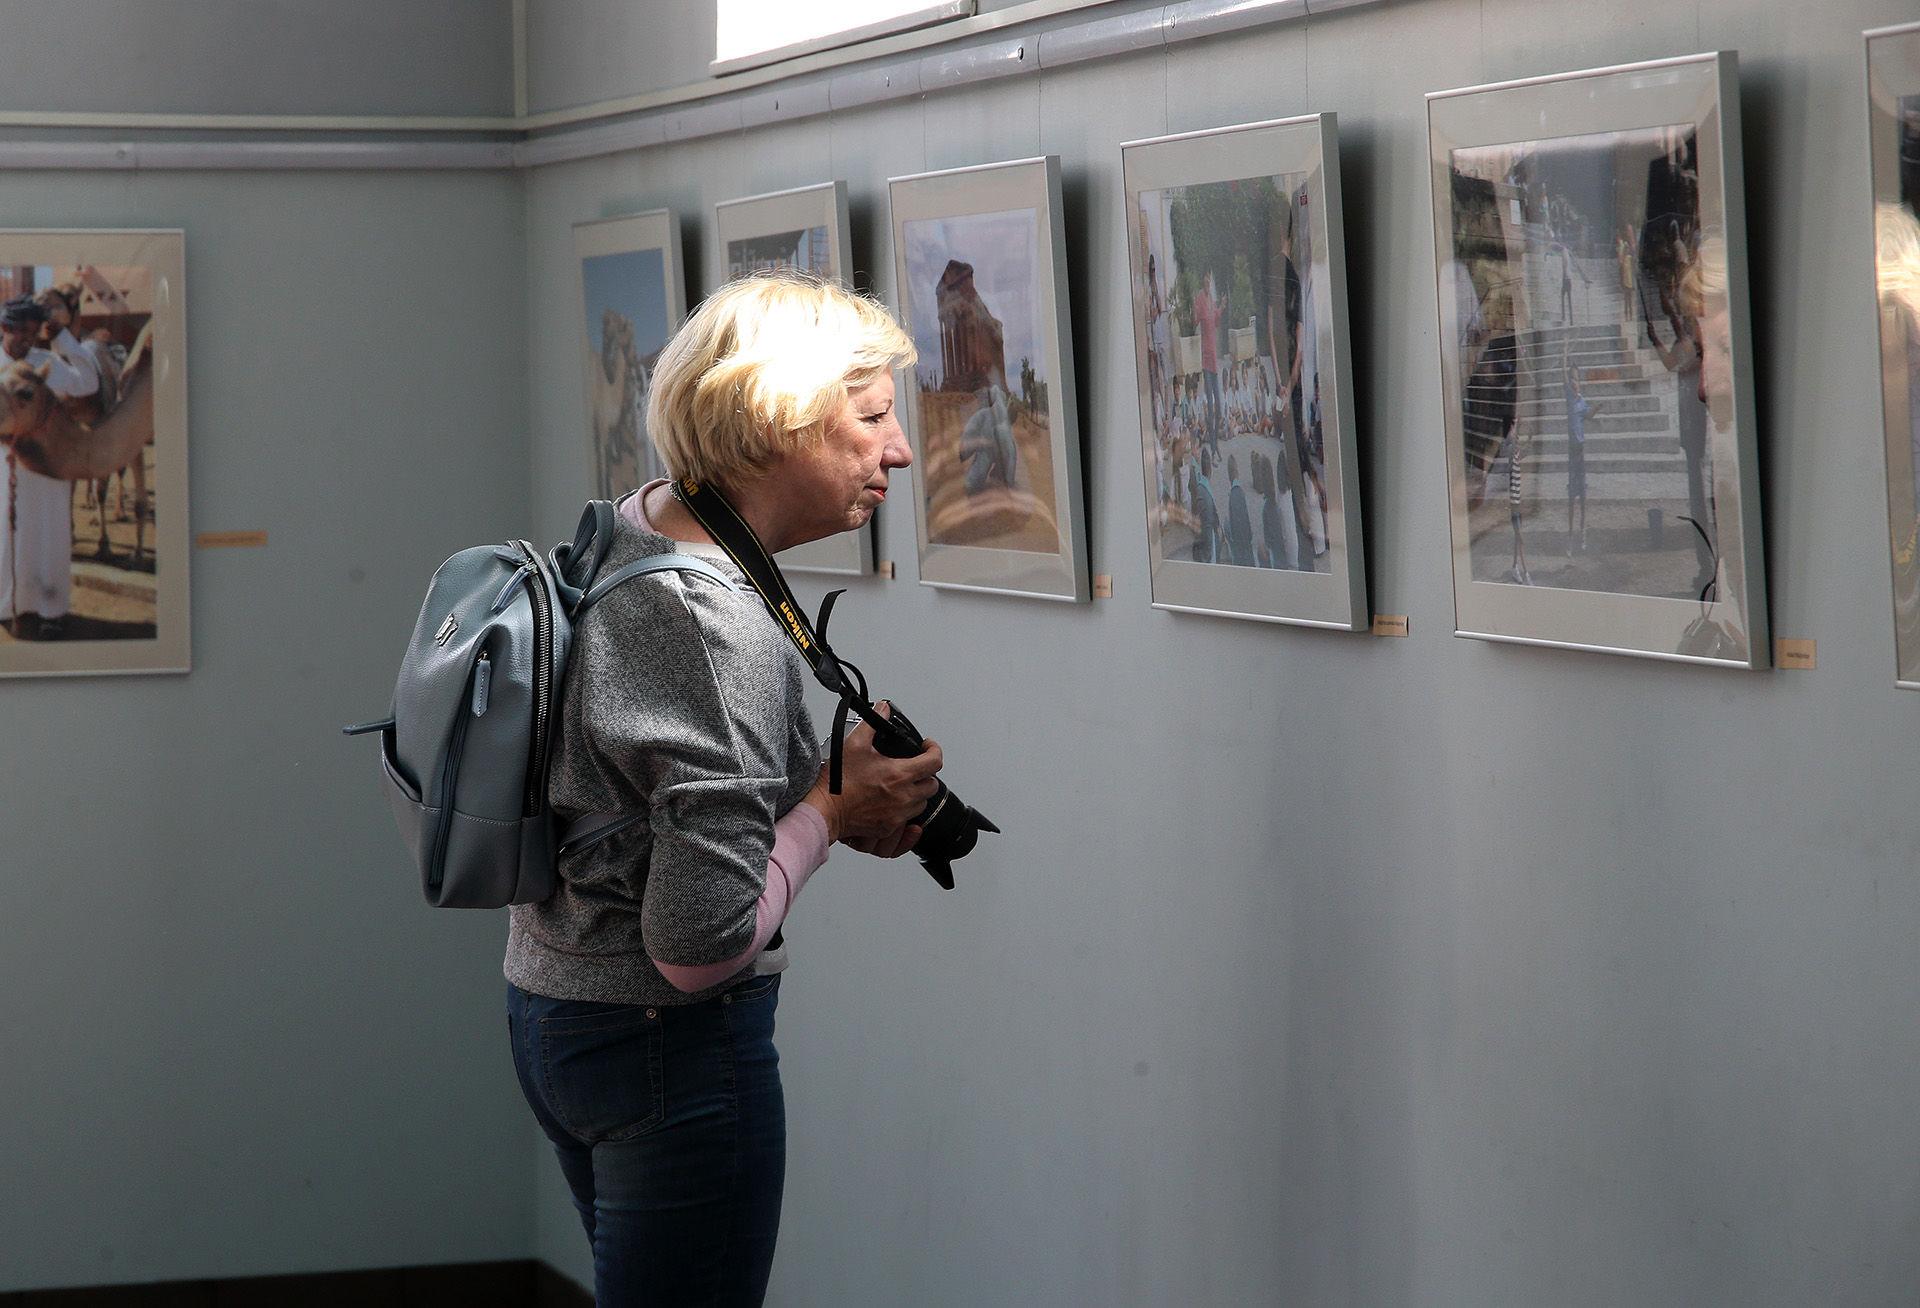 Į parodos pristatymą atvykę kraštiečiai smalsiai apžiūrinėjo kiekvieną Vytauto Valatkos fotografiją. Menininko darbuose – vaizdai iš įvairiausių Lietuvos ar pasaulio miestų: žmonės, architektūra, peizažai. Algimanto Barzdžiaus nuotr.